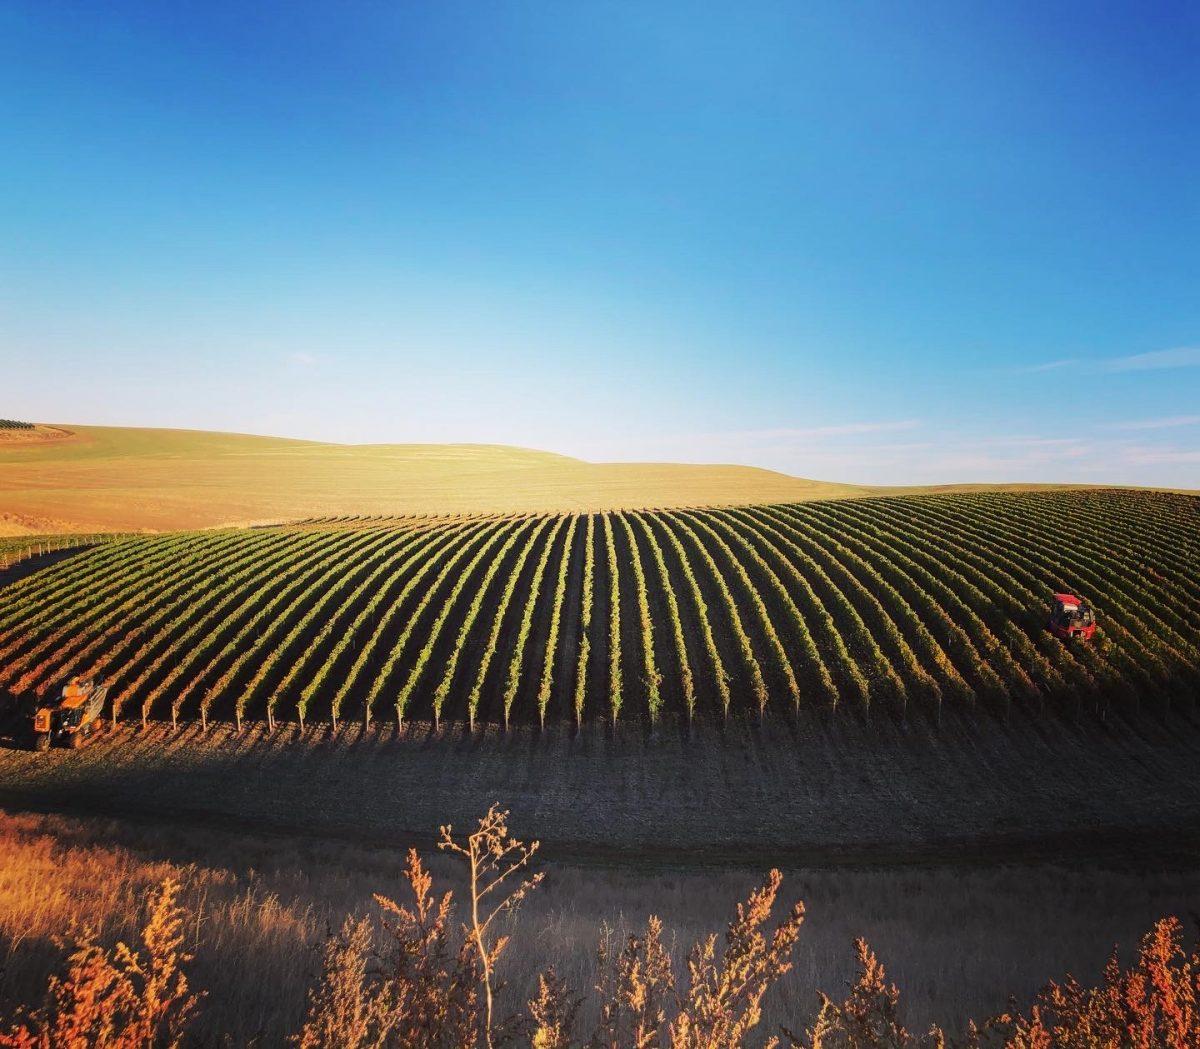 Tractors in vineyards